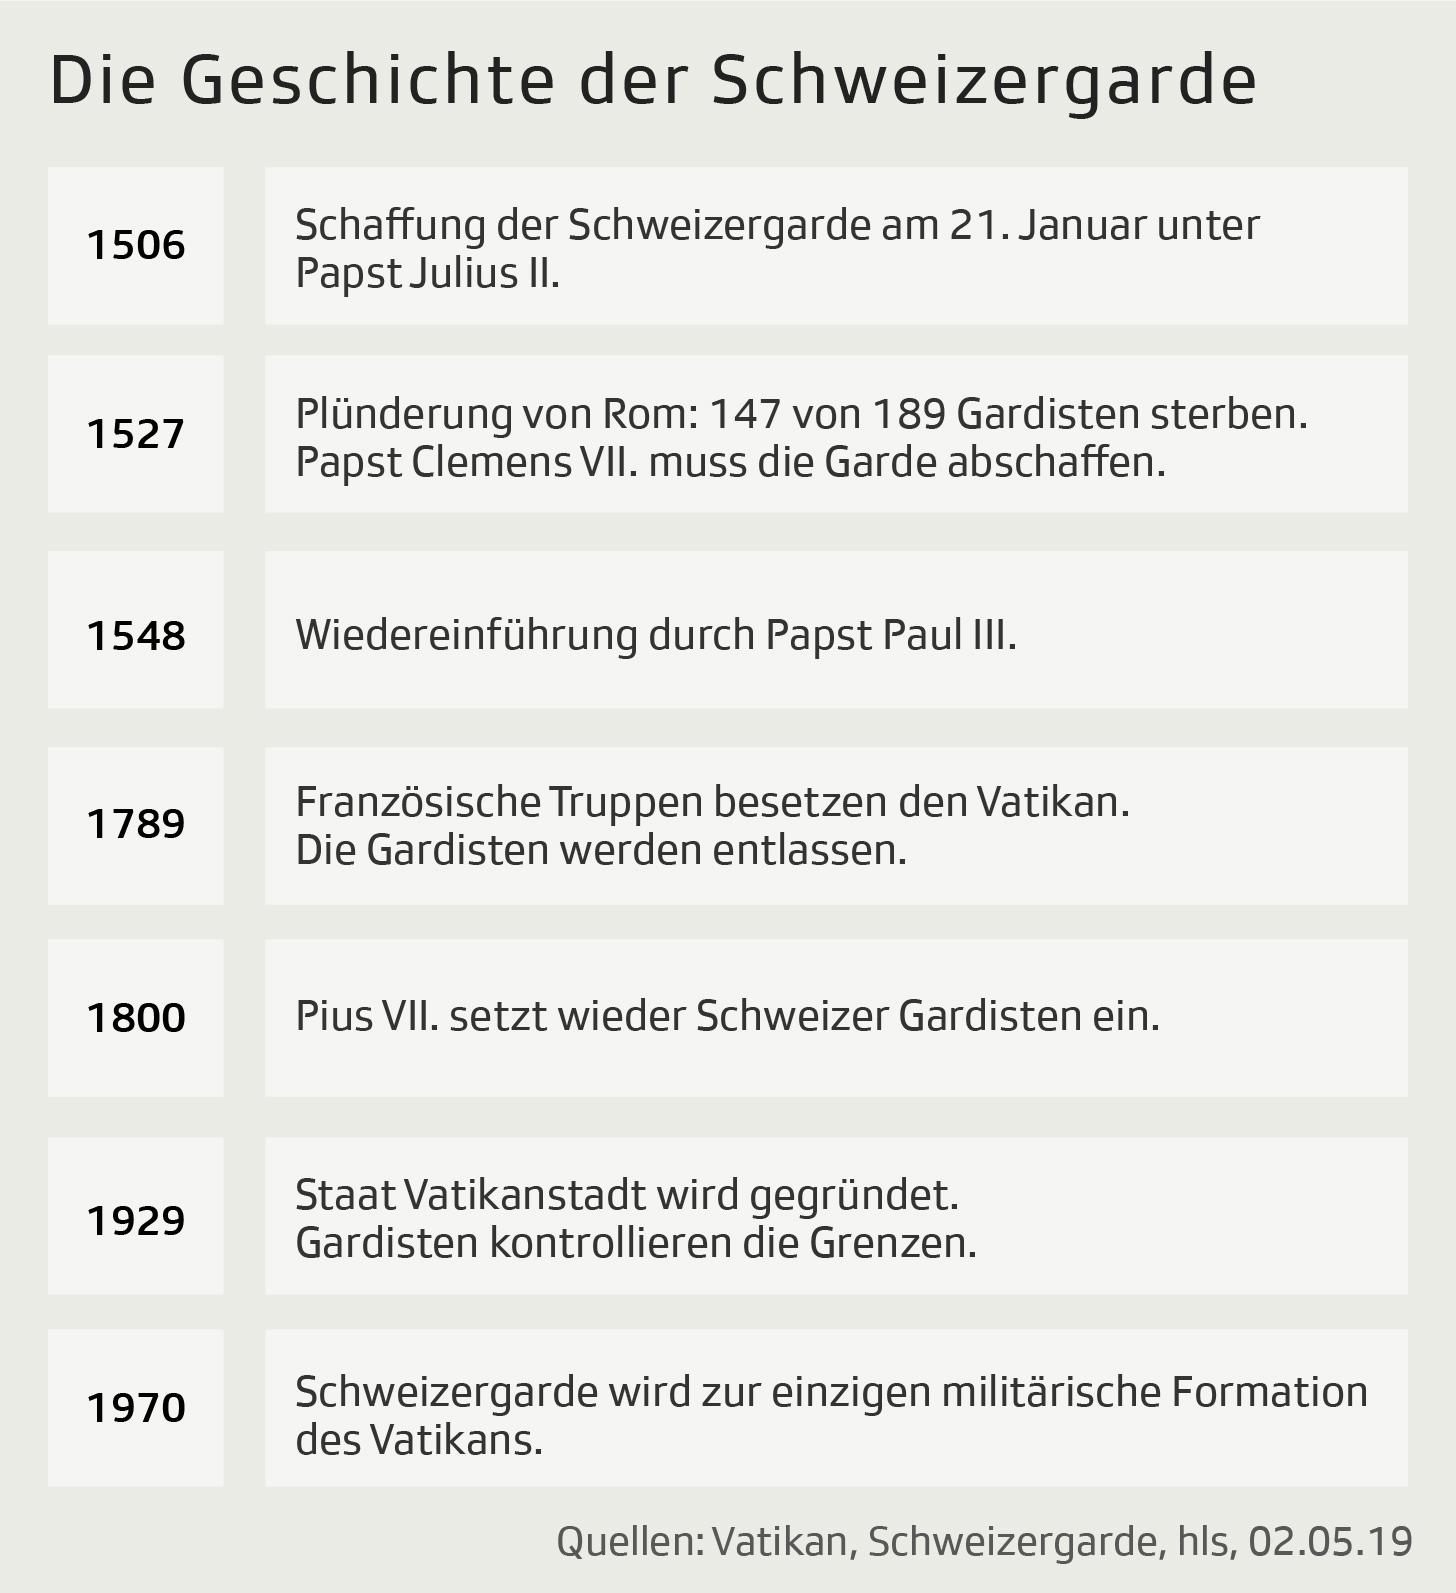 Grafik zeigt wichtige historische Daten der Schweizergarde